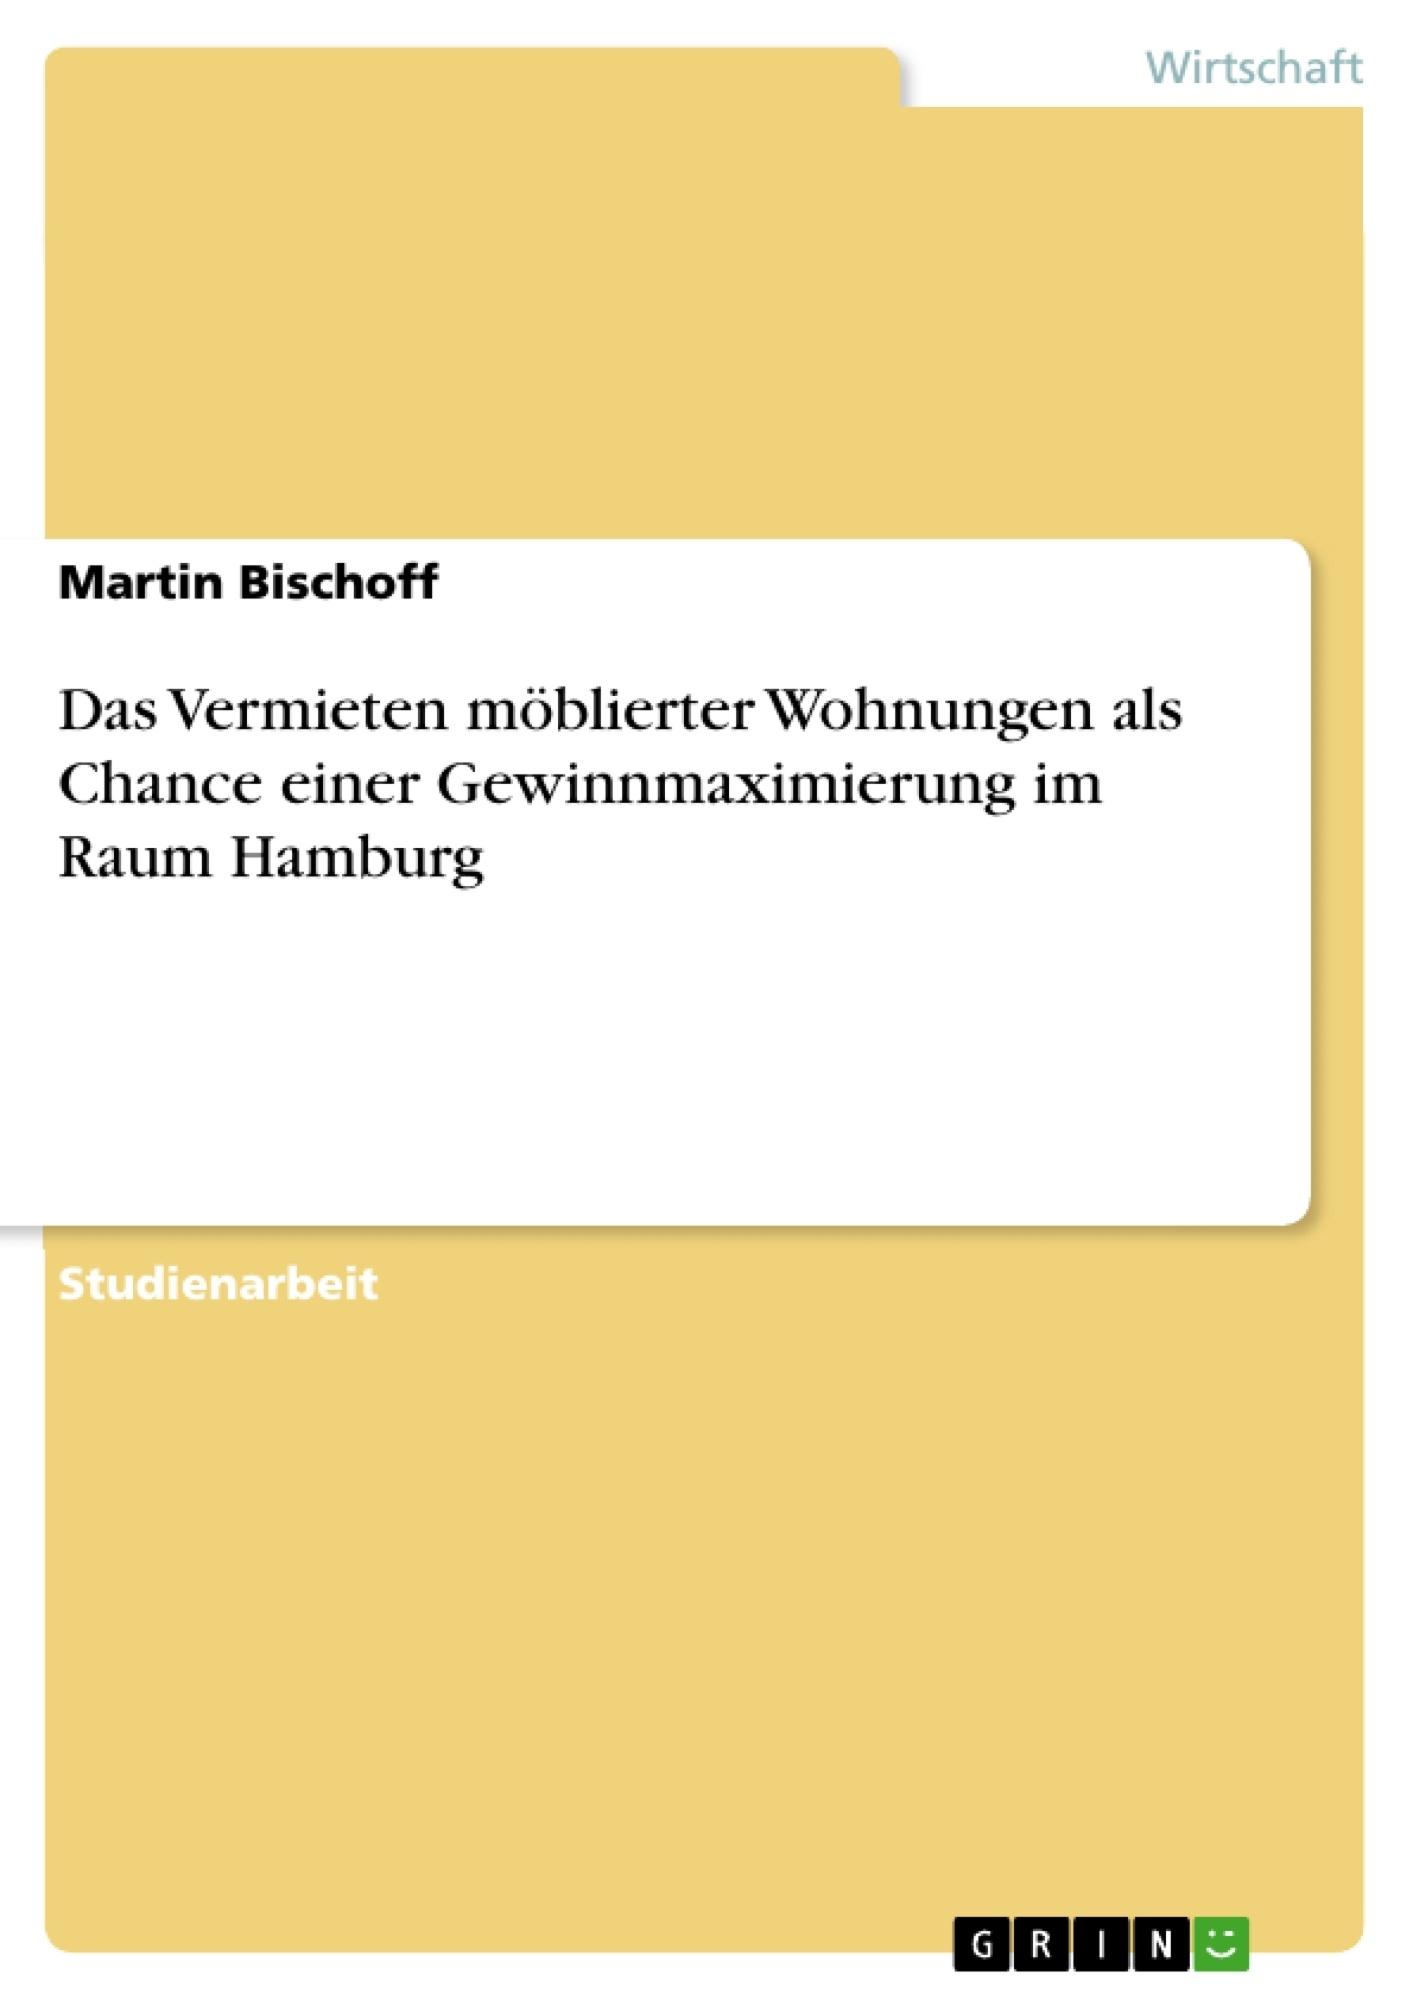 Titel: Das Vermieten möblierter Wohnungen als Chance einer Gewinnmaximierung im Raum Hamburg